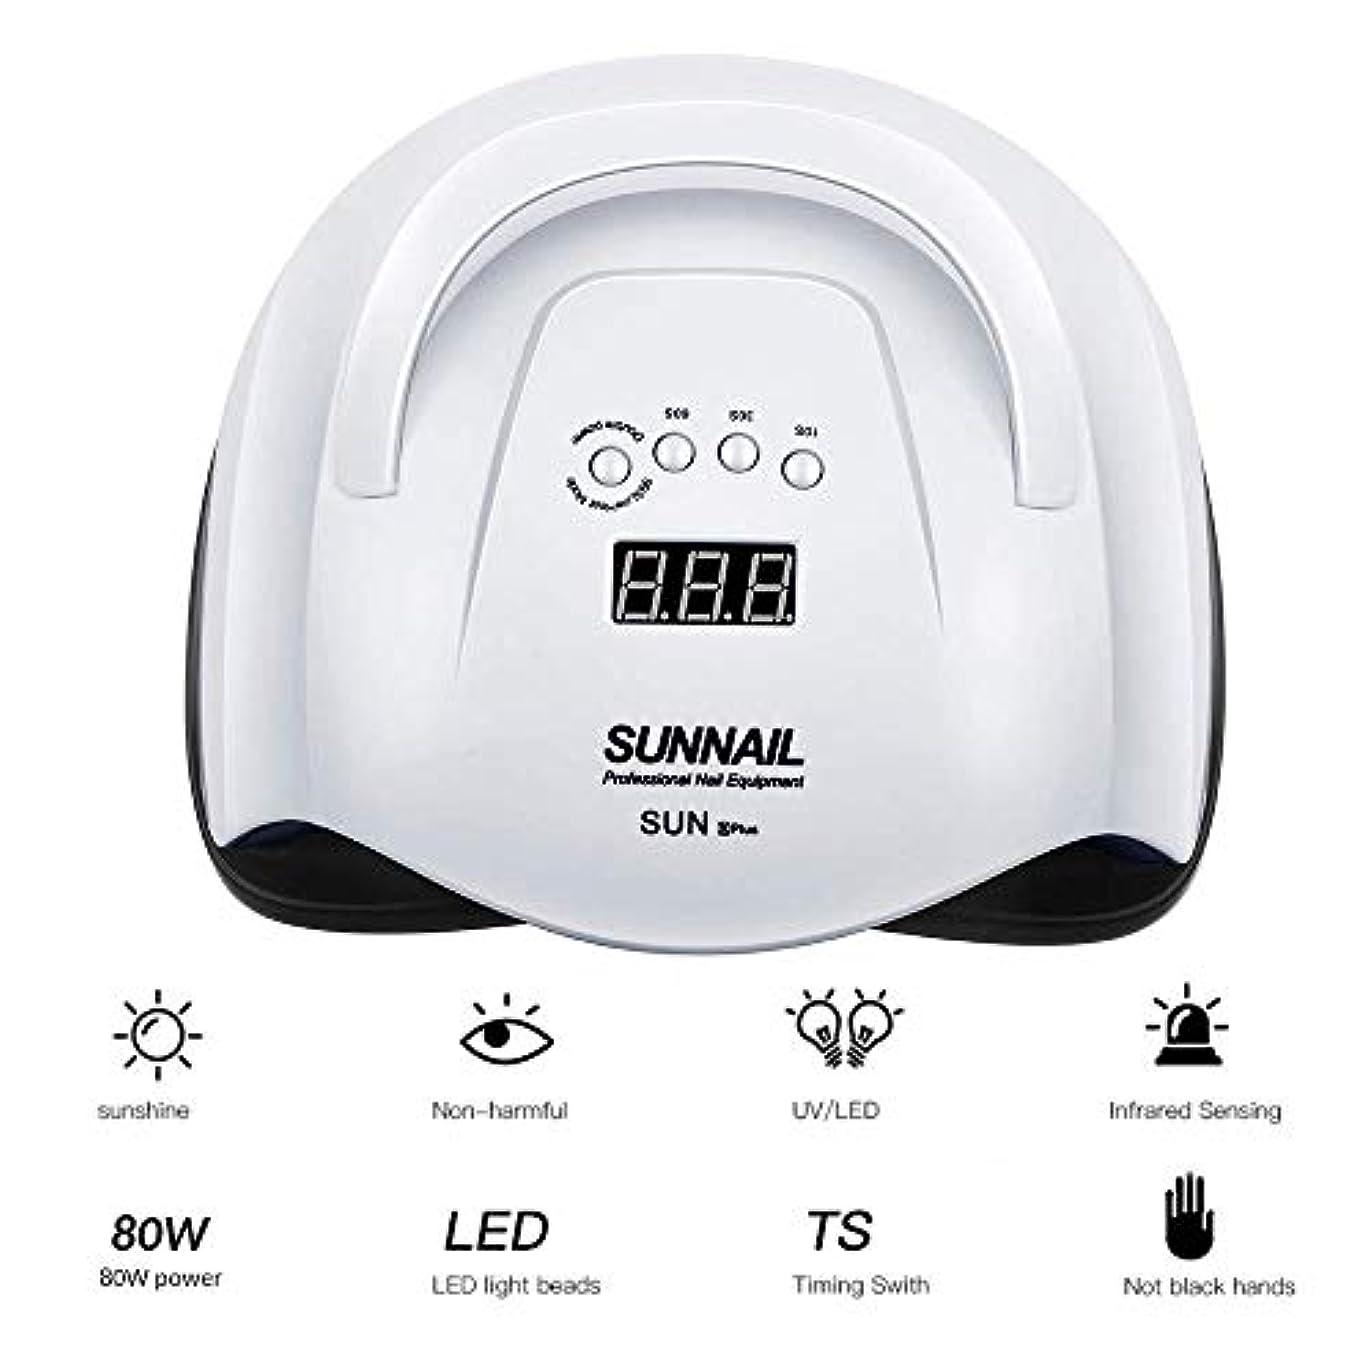 余裕があるハイブリッド許すネイルドライヤー80 UVネイルランプ用LEDランプマニキュア用ネイルドライヤーすべてのゲル用ポーランド語赤外線センサー10/30/60/99秒タイマーLCDディスプレイ